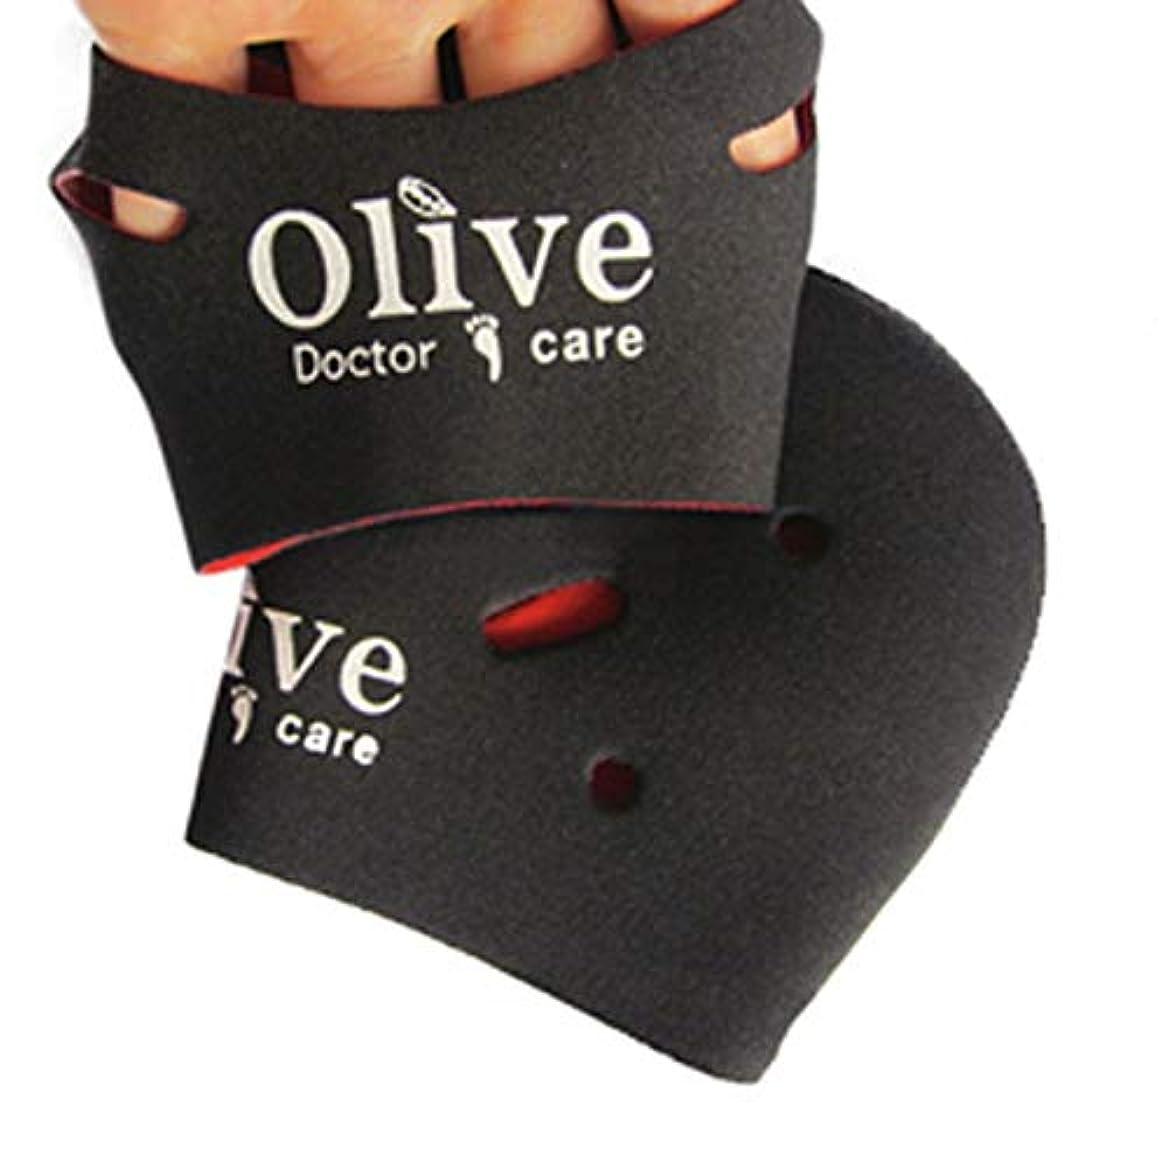 水曜日以前は歪める[NICE-SHOP]かかとケア靴下 Olive Doctor Care